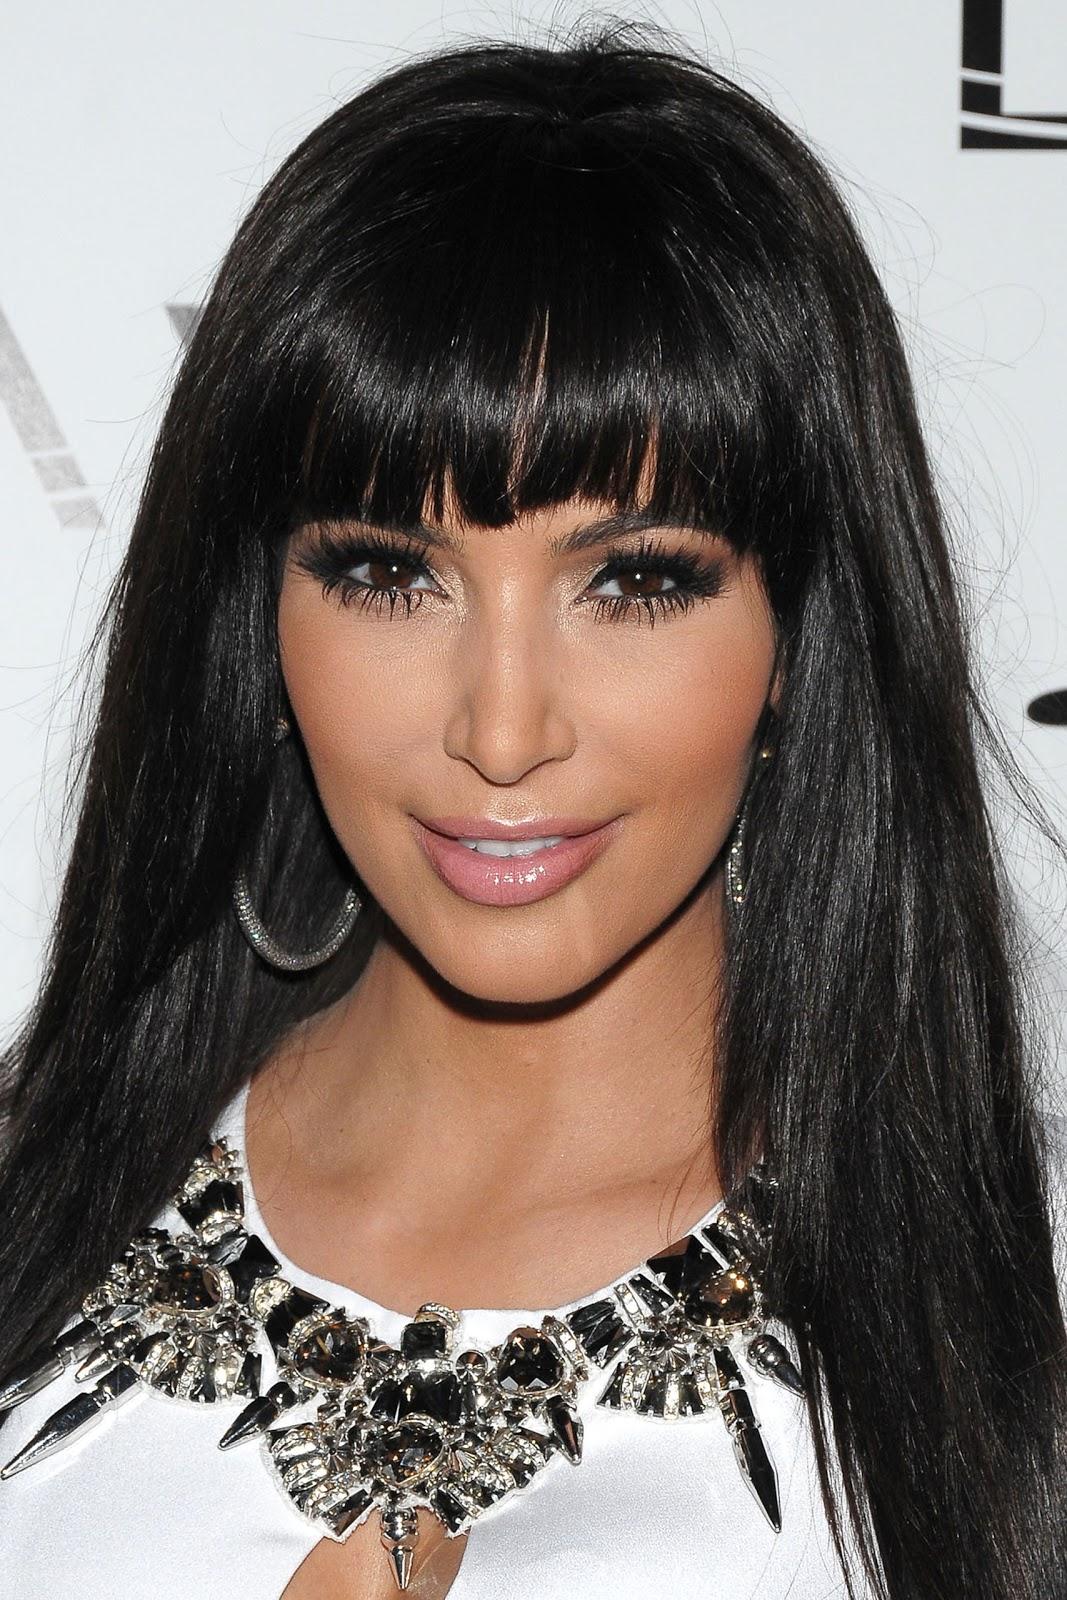 http://3.bp.blogspot.com/-X0h9numDZQs/T0qi2AbmLbI/AAAAAAAAAPc/1oLNoB2bGeA/s1600/Kim+Kardashian.jpg